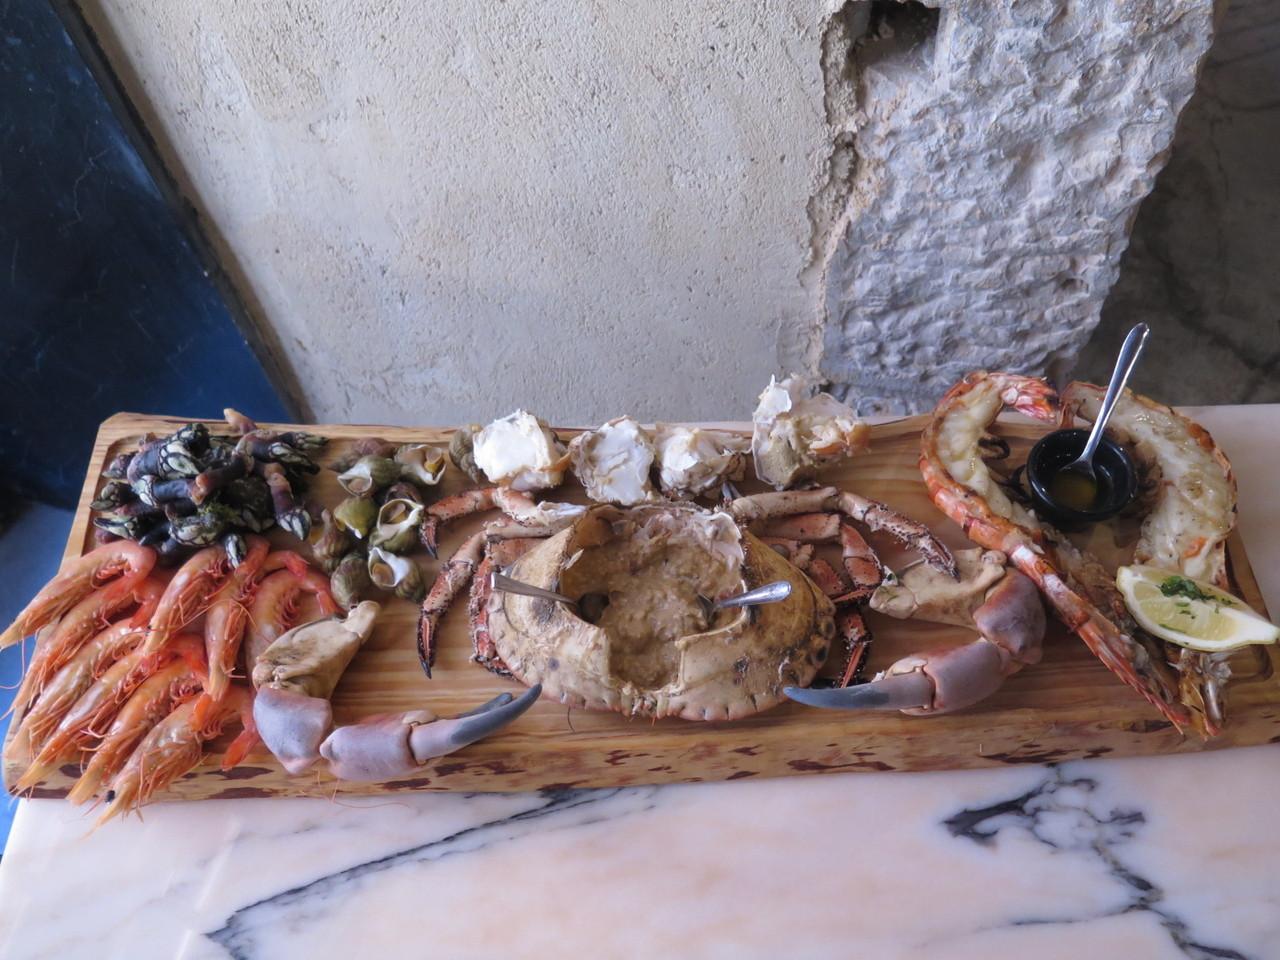 Camarão de Moçambique, Percebes das Berlengas, Búzio Nacional, Sapateira Macho, Camarão Tigre grelhado com molho de manteiga e alho